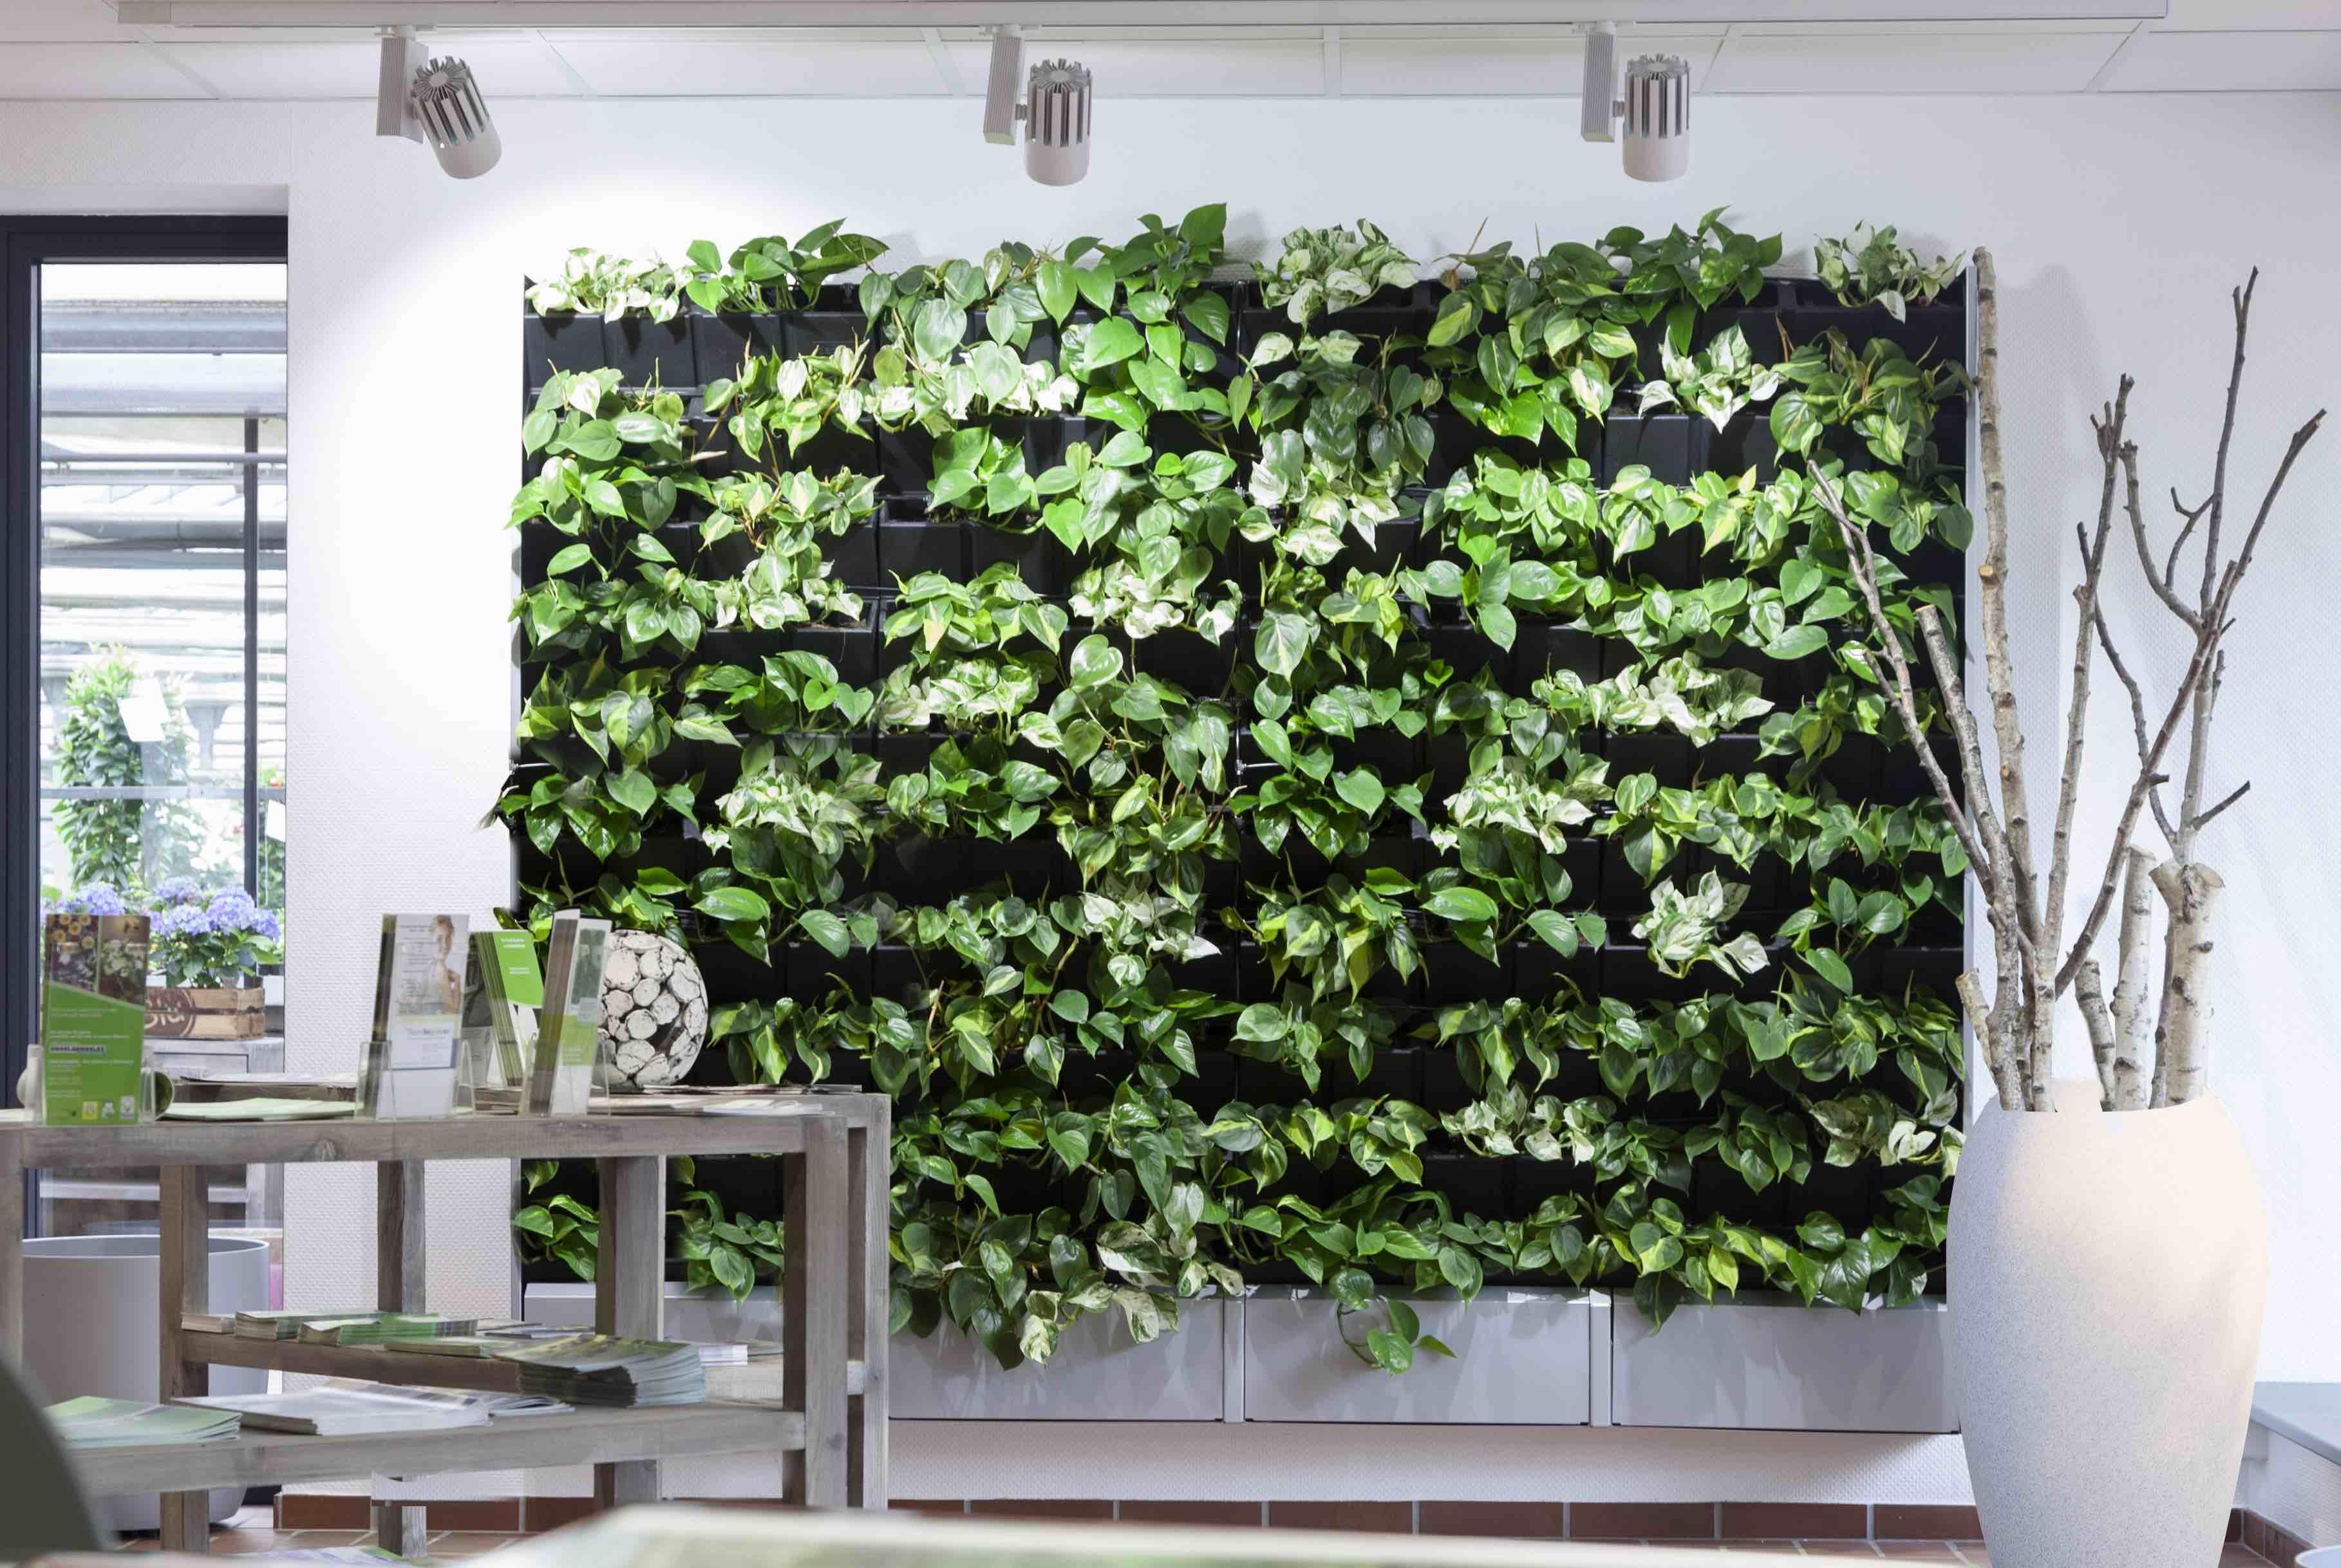 Groene wand binnen in huis, in de burelen, leefruimte of werkruimte.